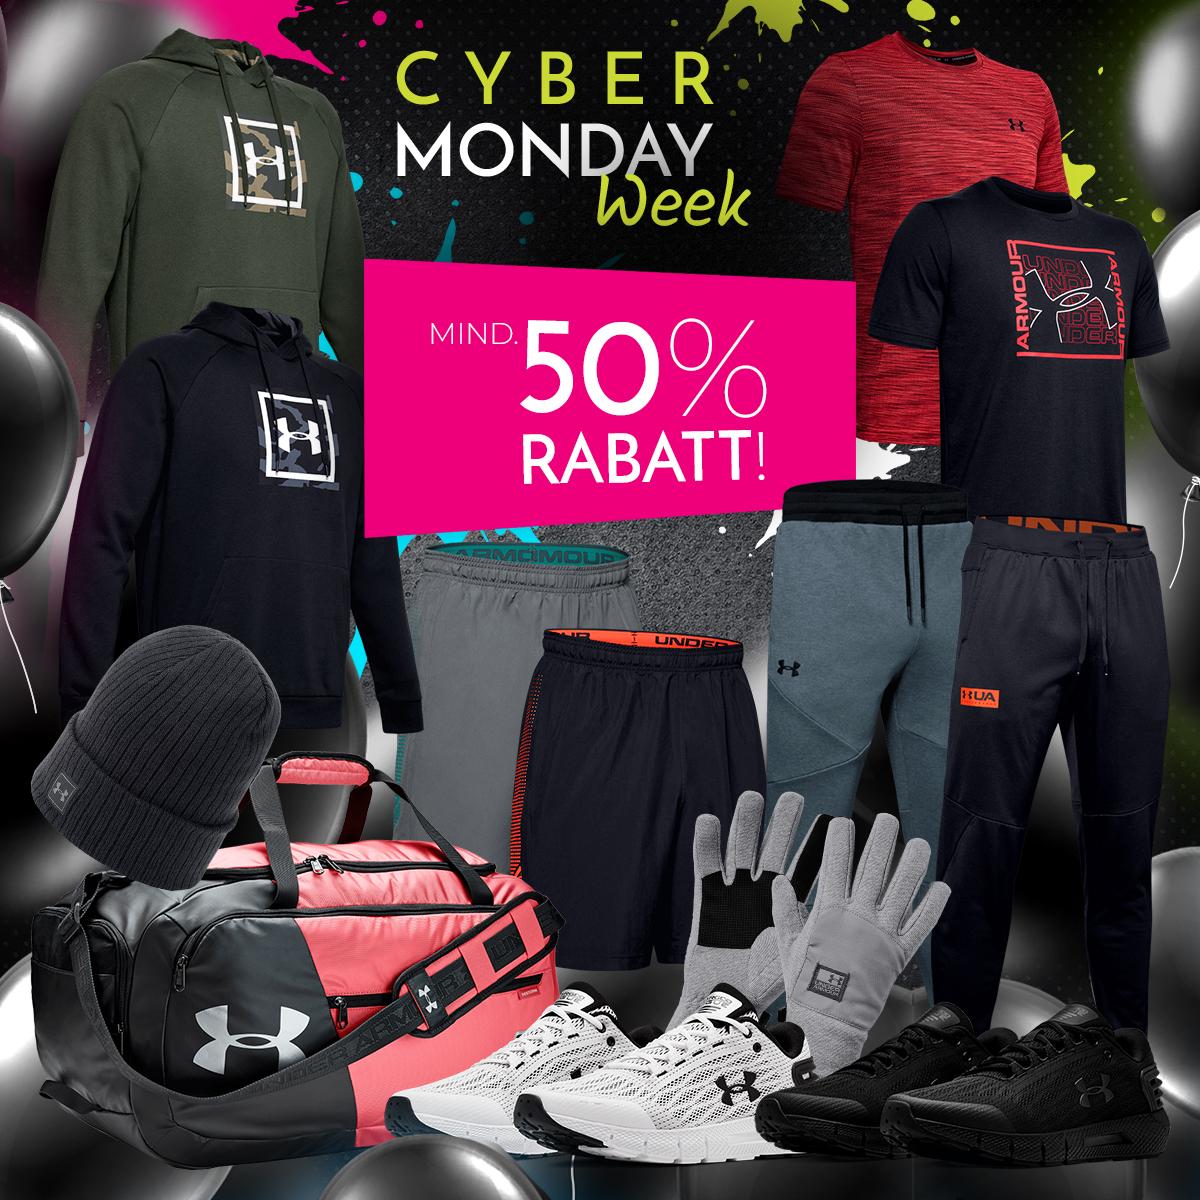 (Händlerdeal) Under Armour Sale - 50% Rabatt und keine VSK! z.B UA Schuh Rogue um € 39,97